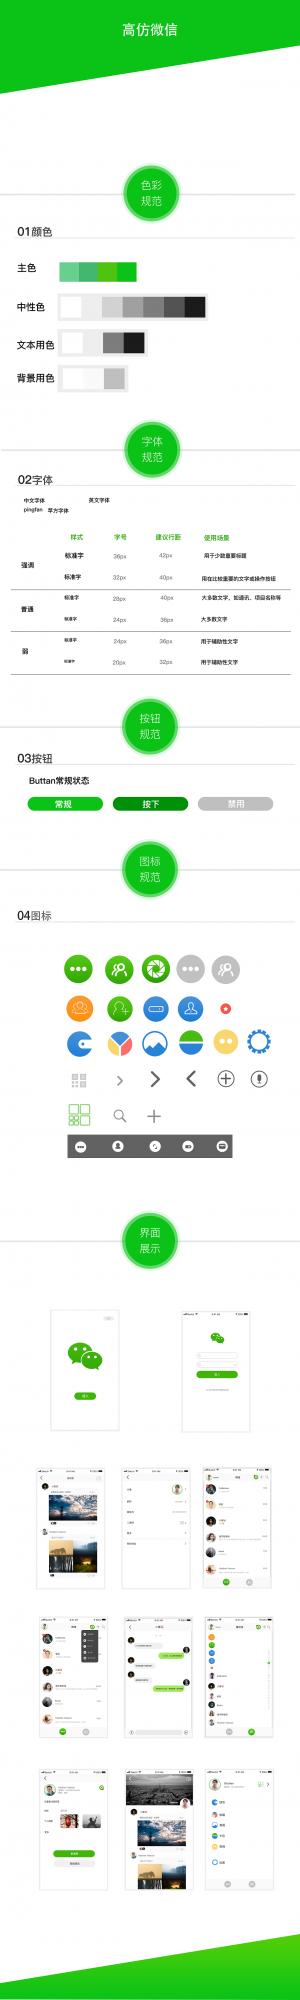 2019新版仿微信社交社区即时通讯聊天源码,带PC端及开发文档说明文档